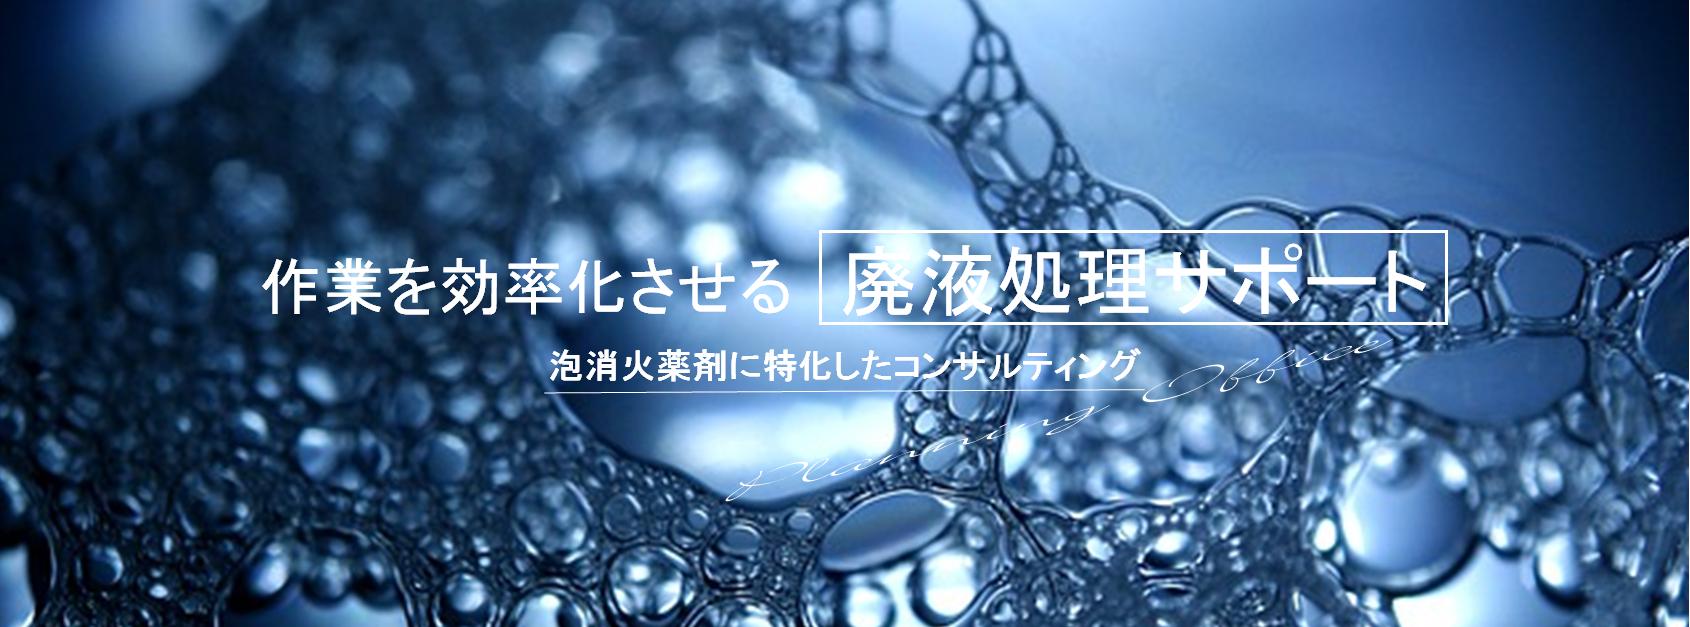 泡消火薬剤 適正 処理 たん白 水成膜